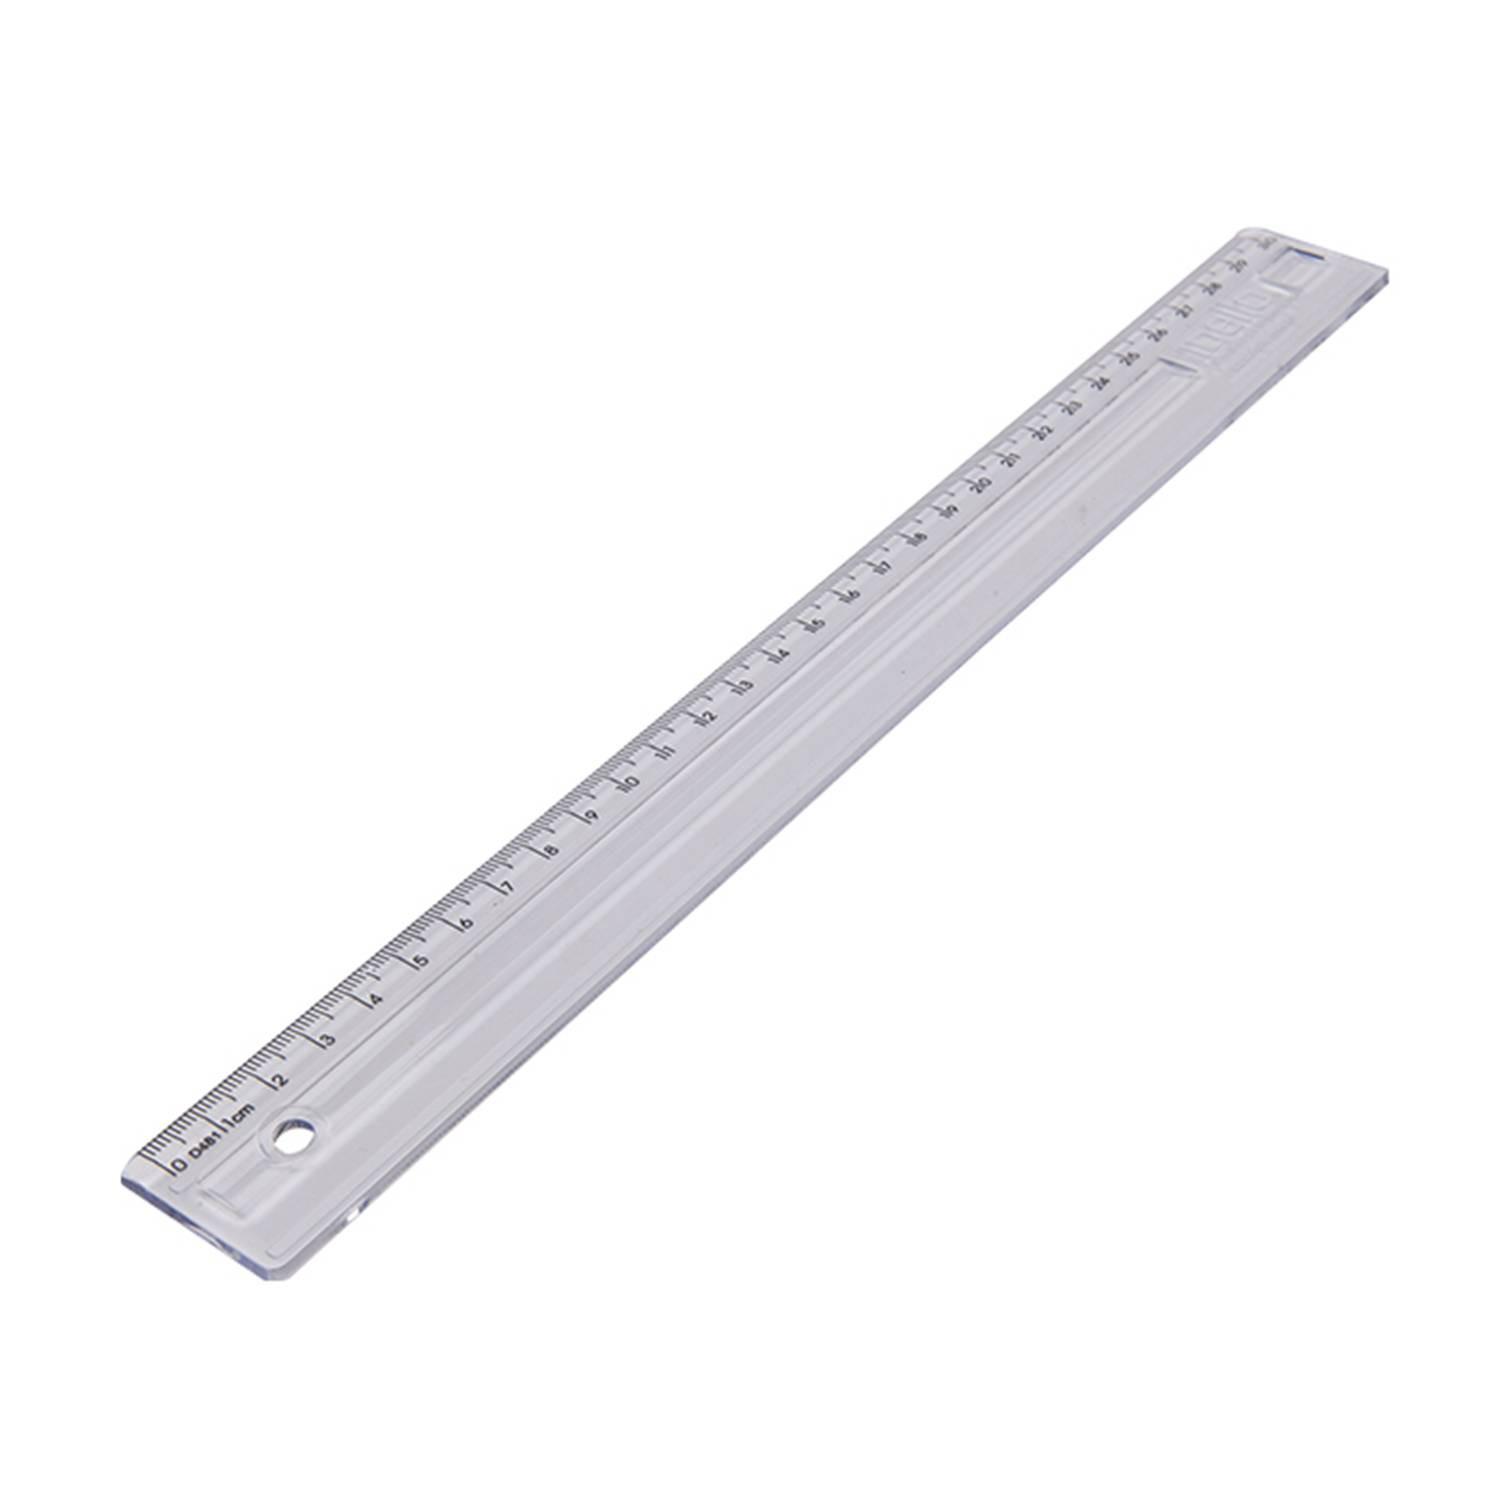 Régua 30cm Plástico Dello Transparente